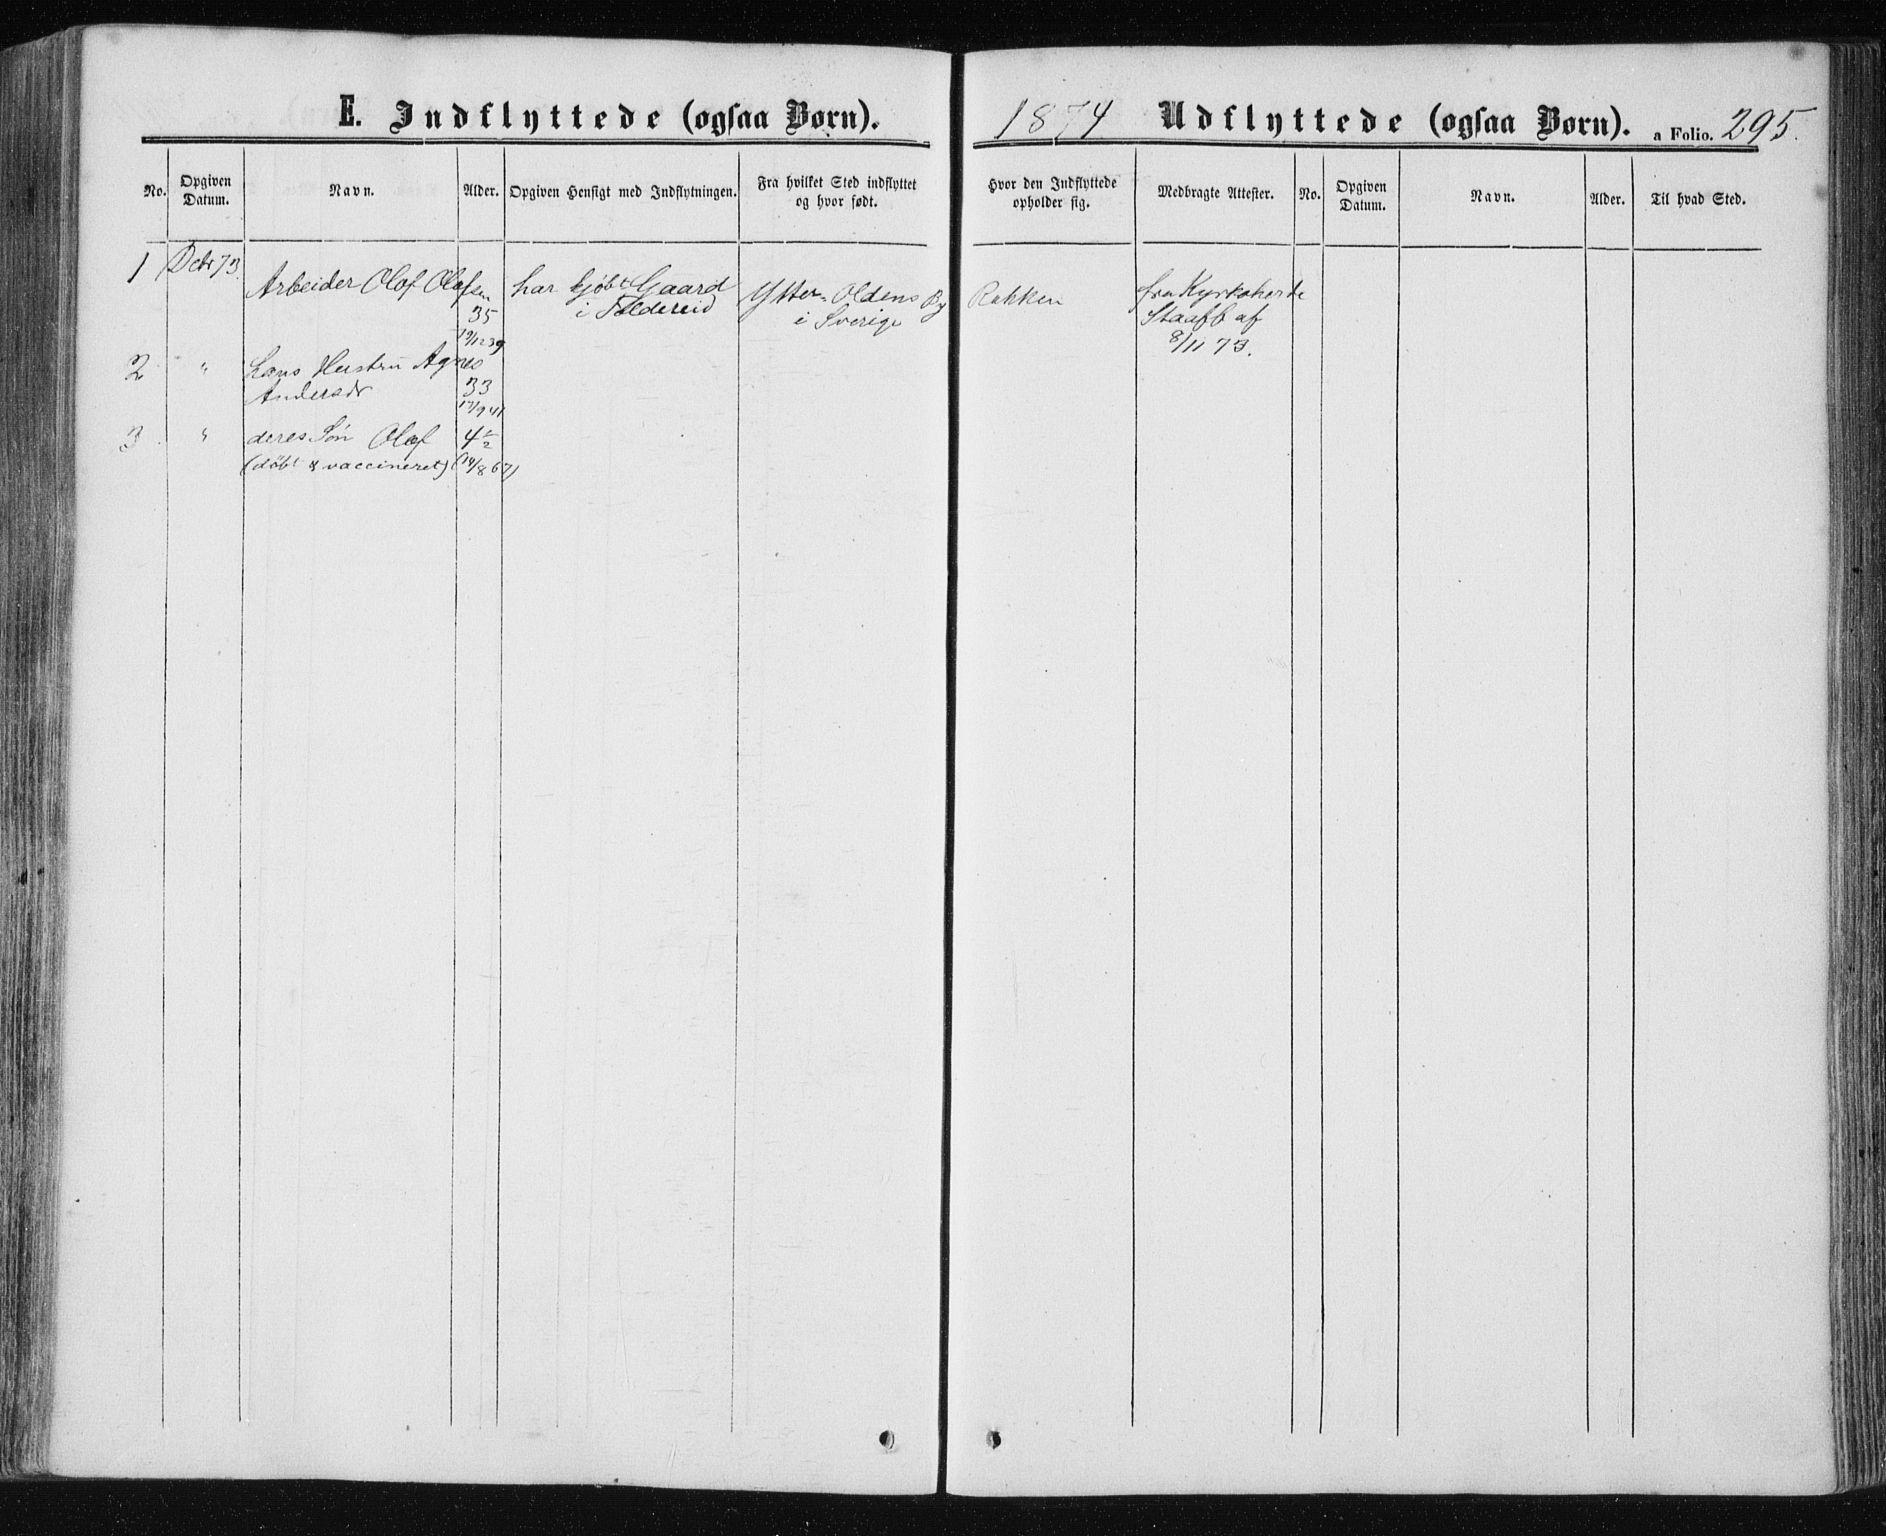 SAT, Ministerialprotokoller, klokkerbøker og fødselsregistre - Nord-Trøndelag, 780/L0641: Ministerialbok nr. 780A06, 1857-1874, s. 295